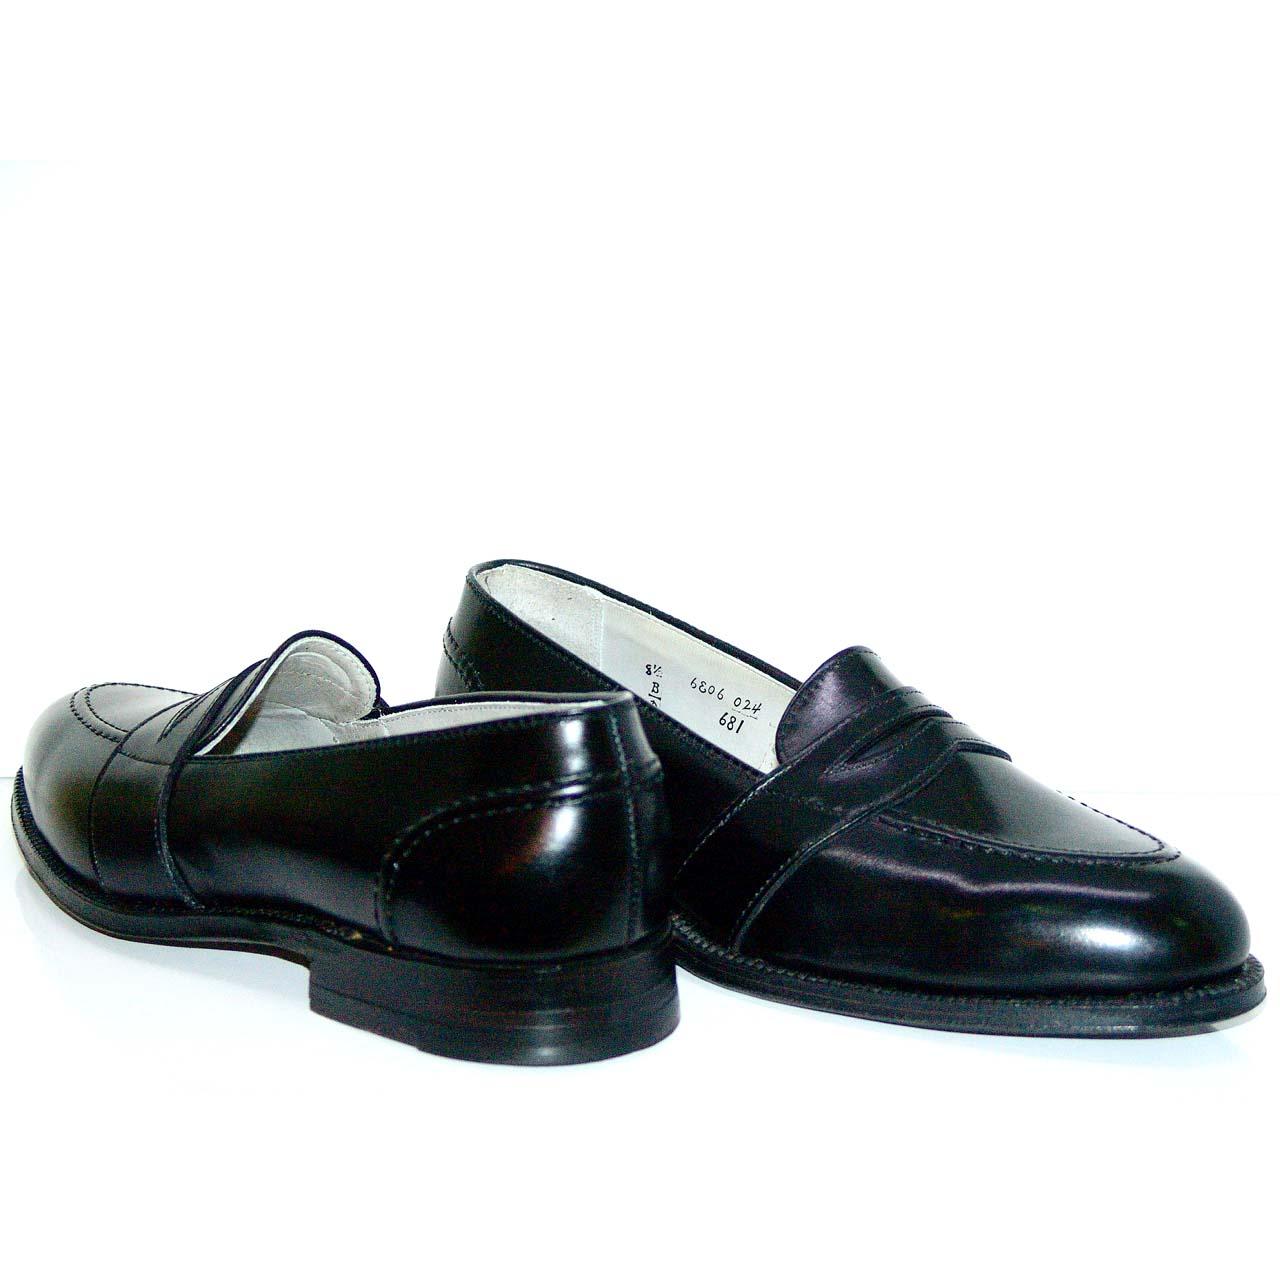 Alden Full Strap Slip On 681 Black